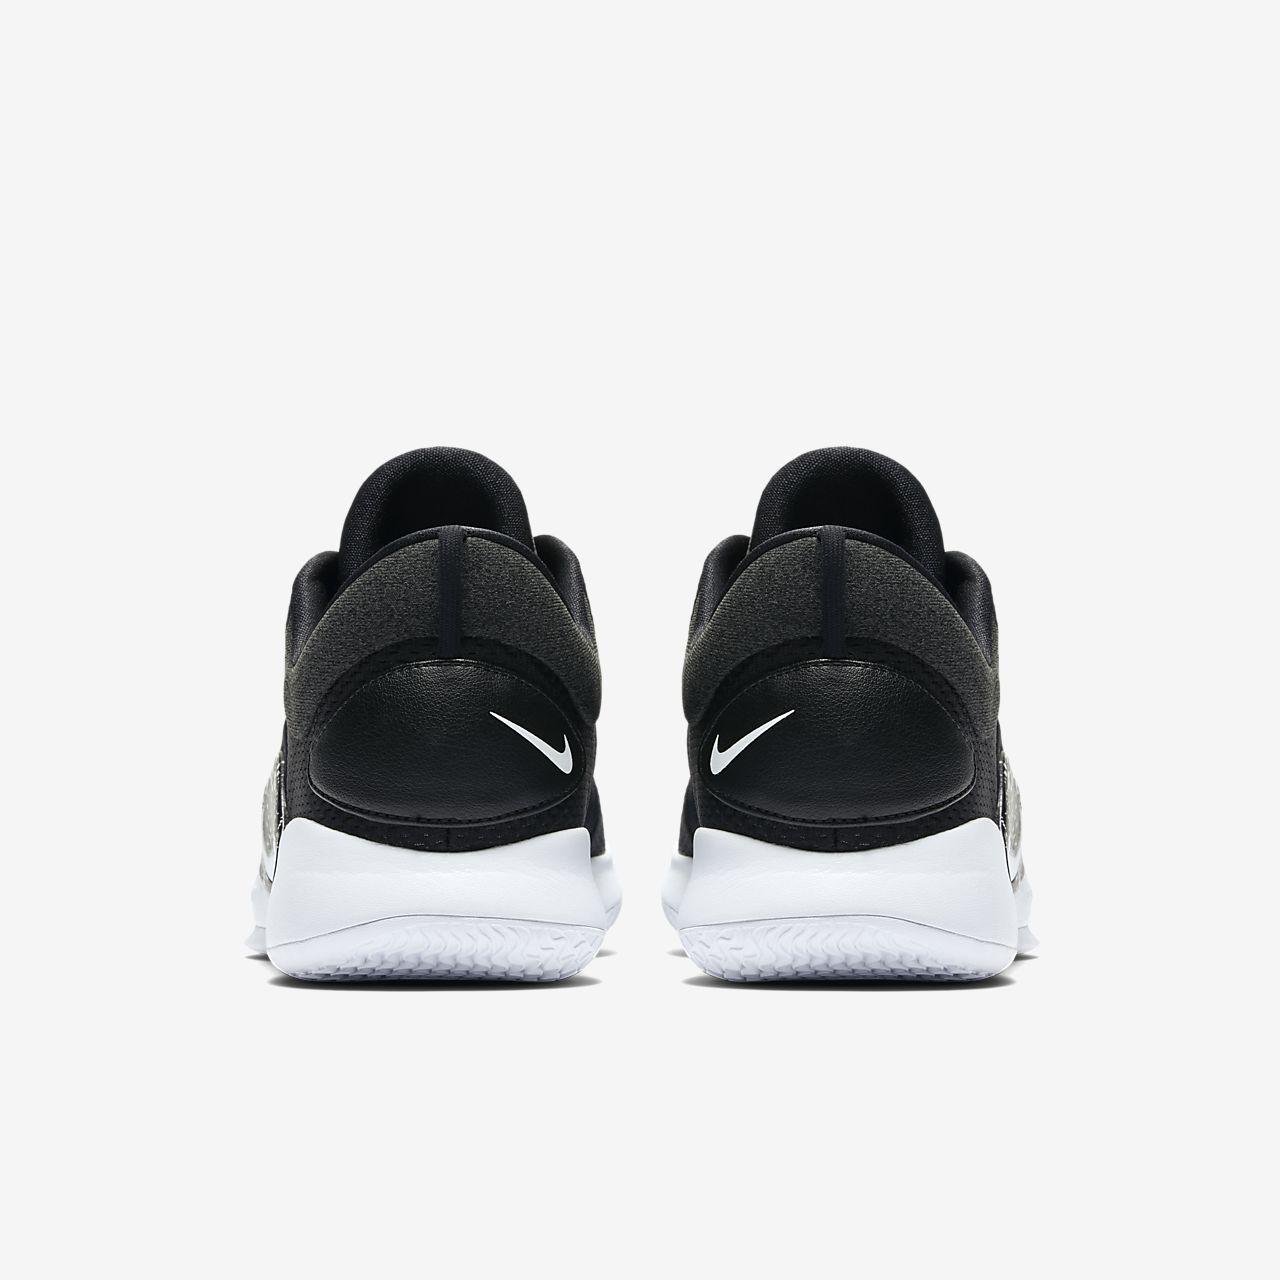 premium selection 7972a ec520 ... Nike Hyperdunk X Low Basketball Shoe